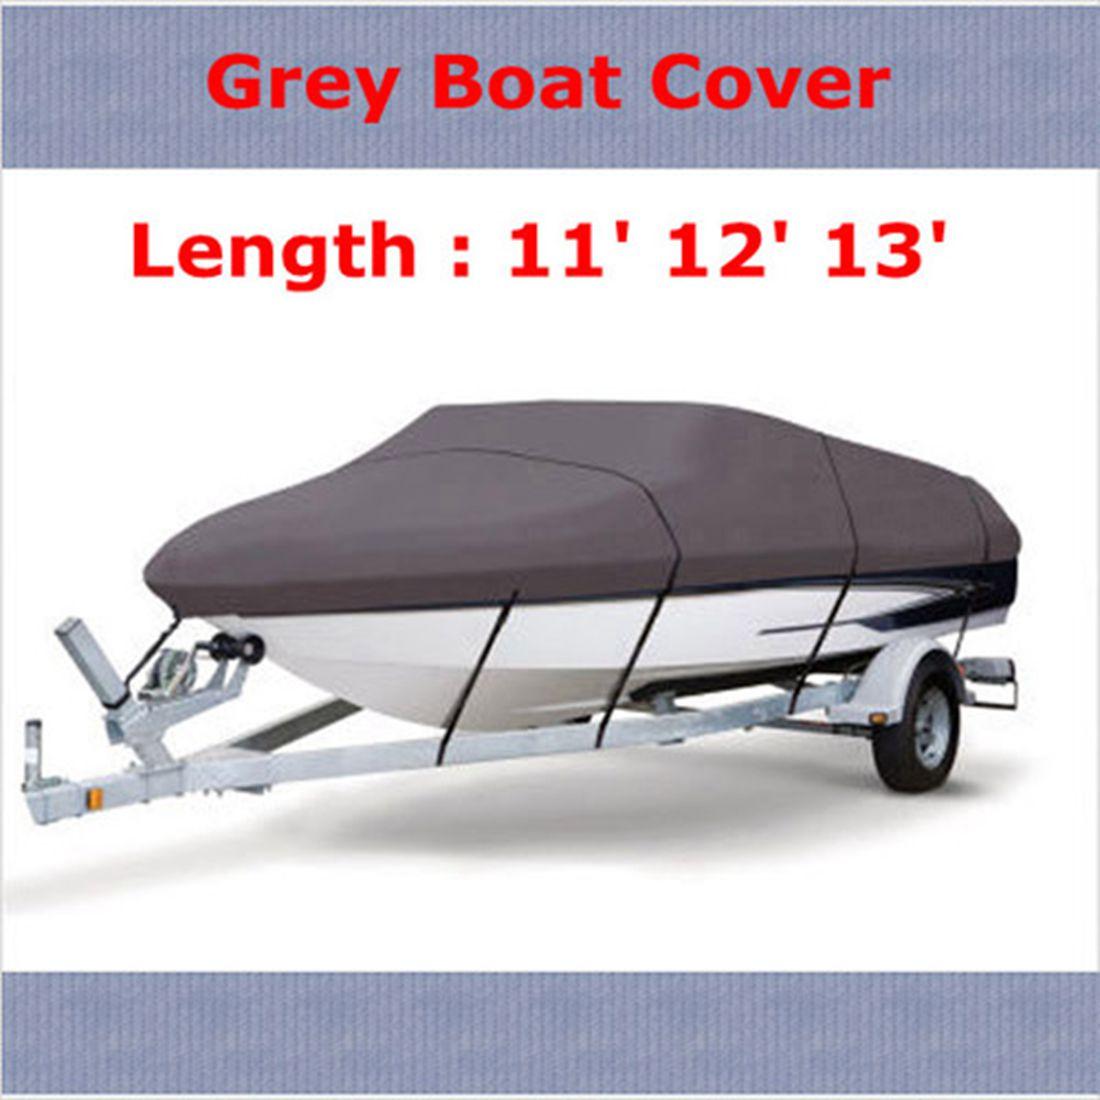 Лодка водостойкая 210D серая лодка швартовка крышка 11 12 13 футов луч 105 дюймов Trailerable рыба-лыжный v-корпус сумка для хранения